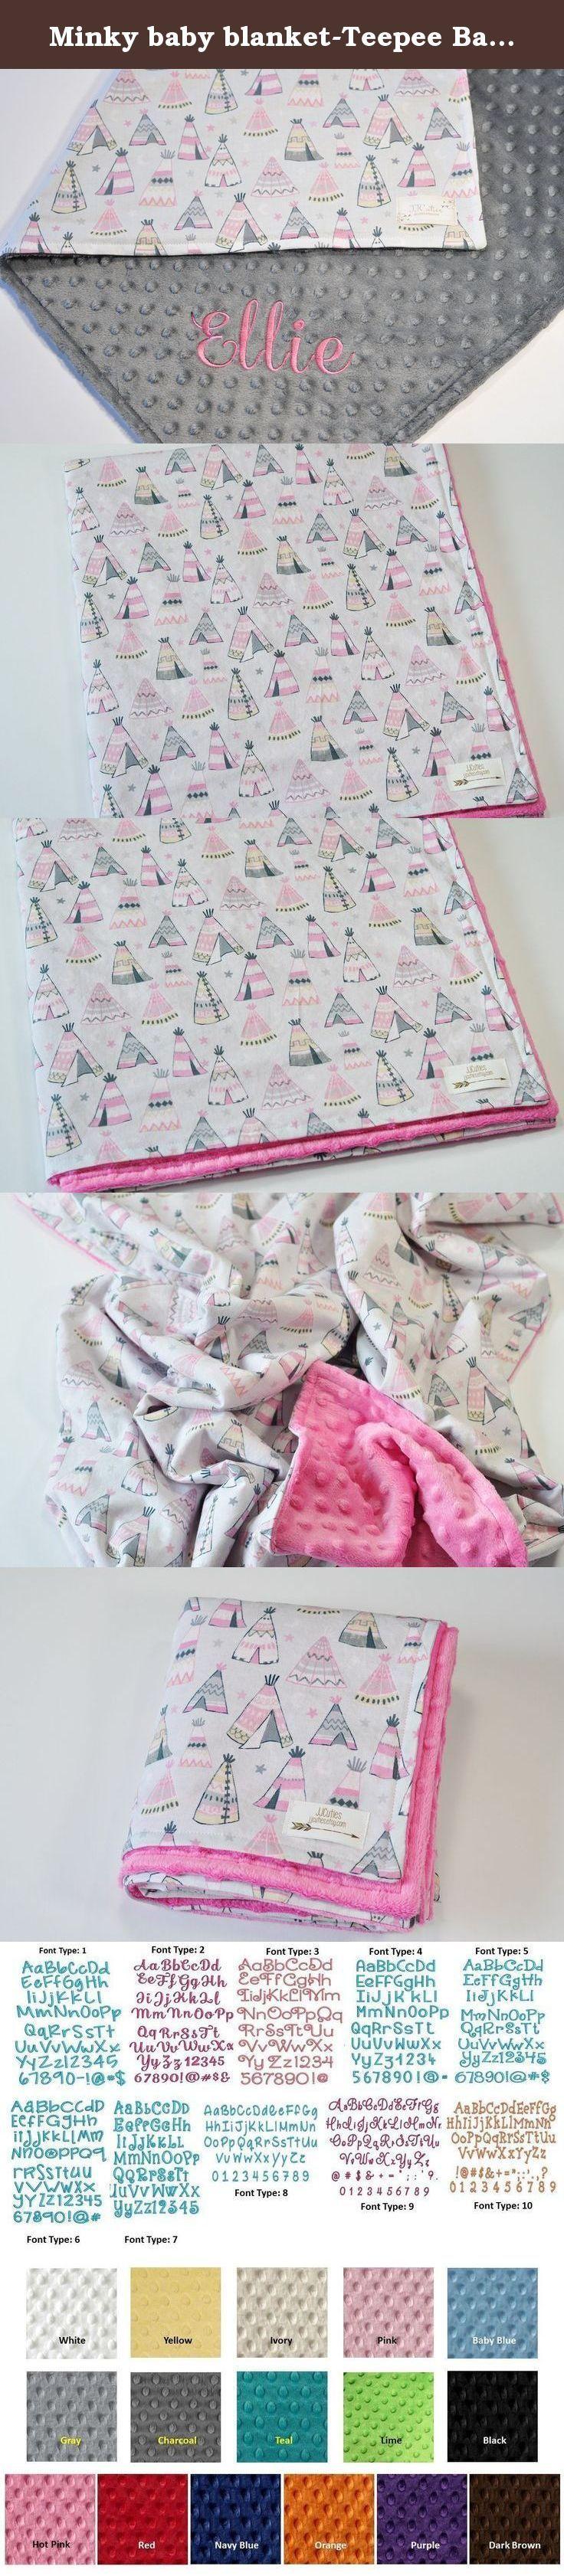 Minky baby blanket-Teepee Baby minky blanket-teepee minky blanket-teepee baby blanket-Baby shower gift-Tribal nursery-Indian nursery-Teepee nursery-Pink Teepee minky blanket-Girls blanket. Baby teepee minky baby blanket for baby shower gift. Newborn gift, swaddling, receiving, stroller, crib, infant, toddler, baby, car seat blanket. This gorgeous baby minky blanket is a great baby shower gift / newborn gift and is prefect for tribal nursery decor.This lovely minky baby blanket can be...